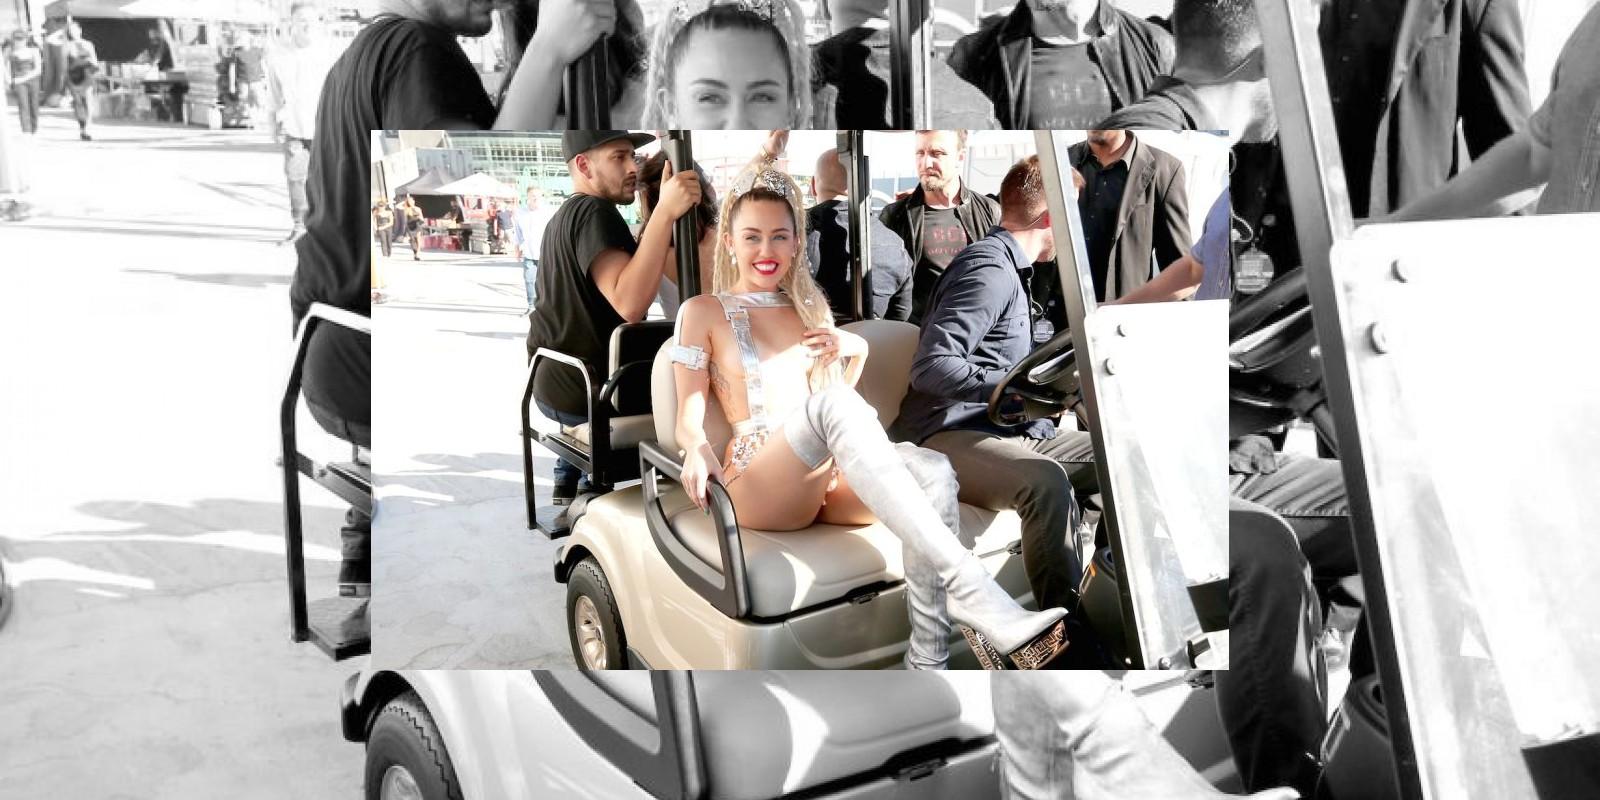 """La anfitriona de los MTV VMAs mostró """"involuntariamente"""" uno de sus pezones en el backstage. Foto:Getty Images. Imagen Por:"""